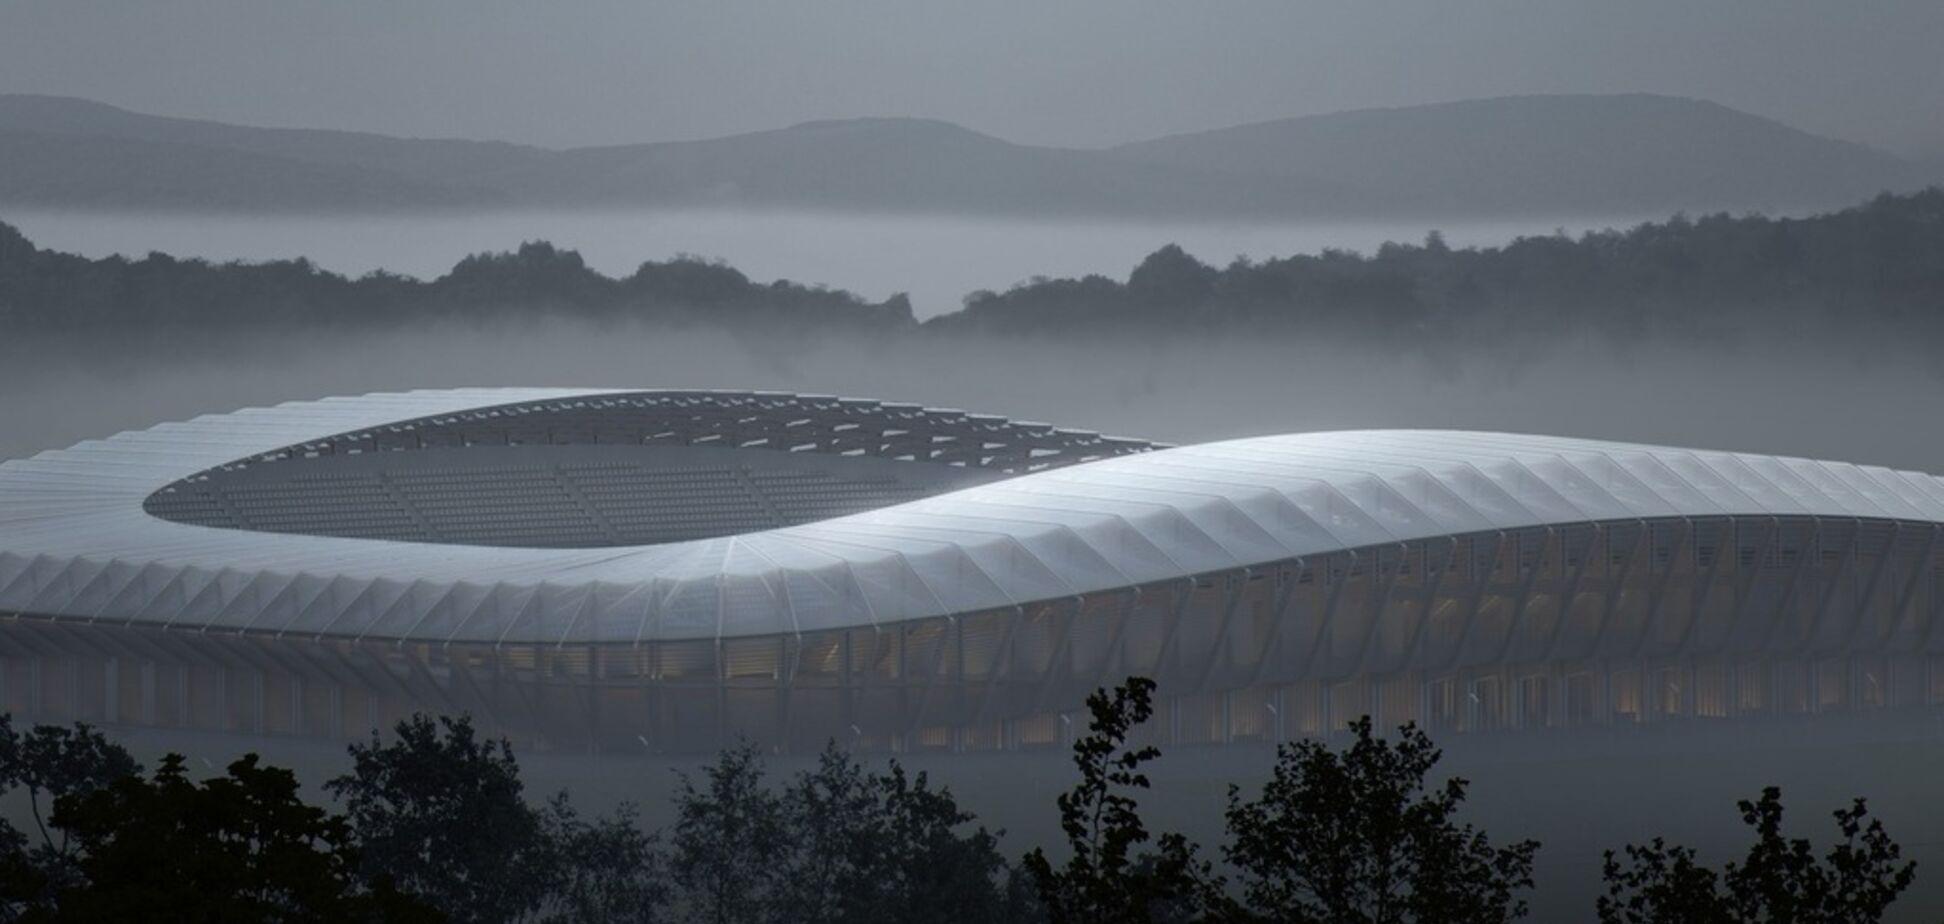 В Англии строят уникальный 'зеленый' стадион по проекту культового дизайнера